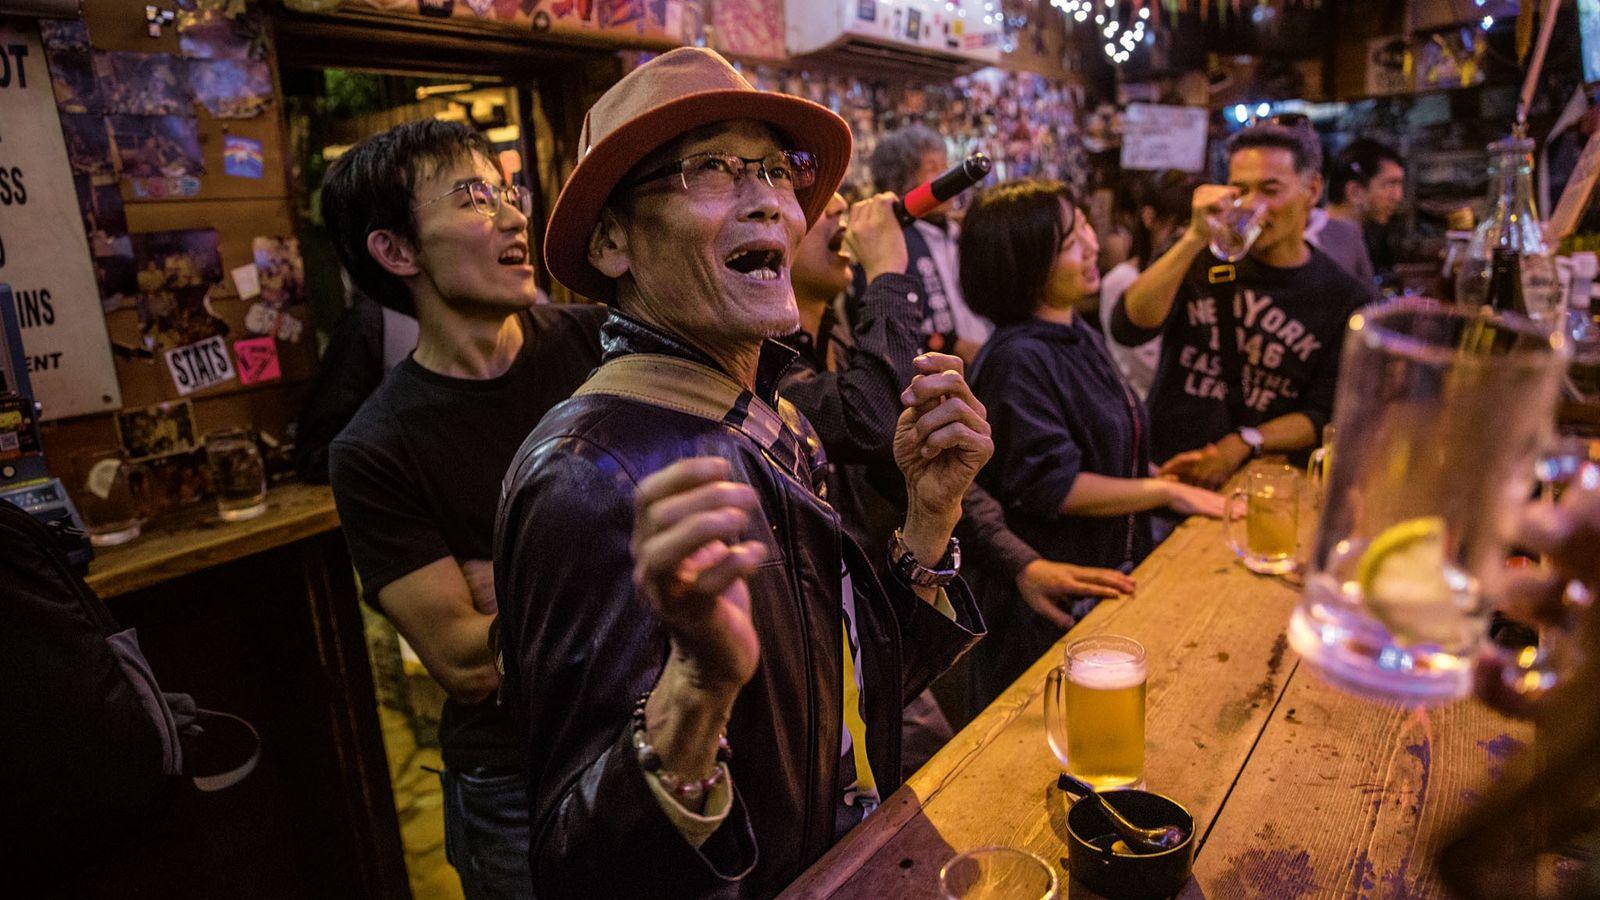 Golden Gai, à Shinjuku, compte des centaines de bars minuscules. C'est l'un des quartiers de loisirs ...